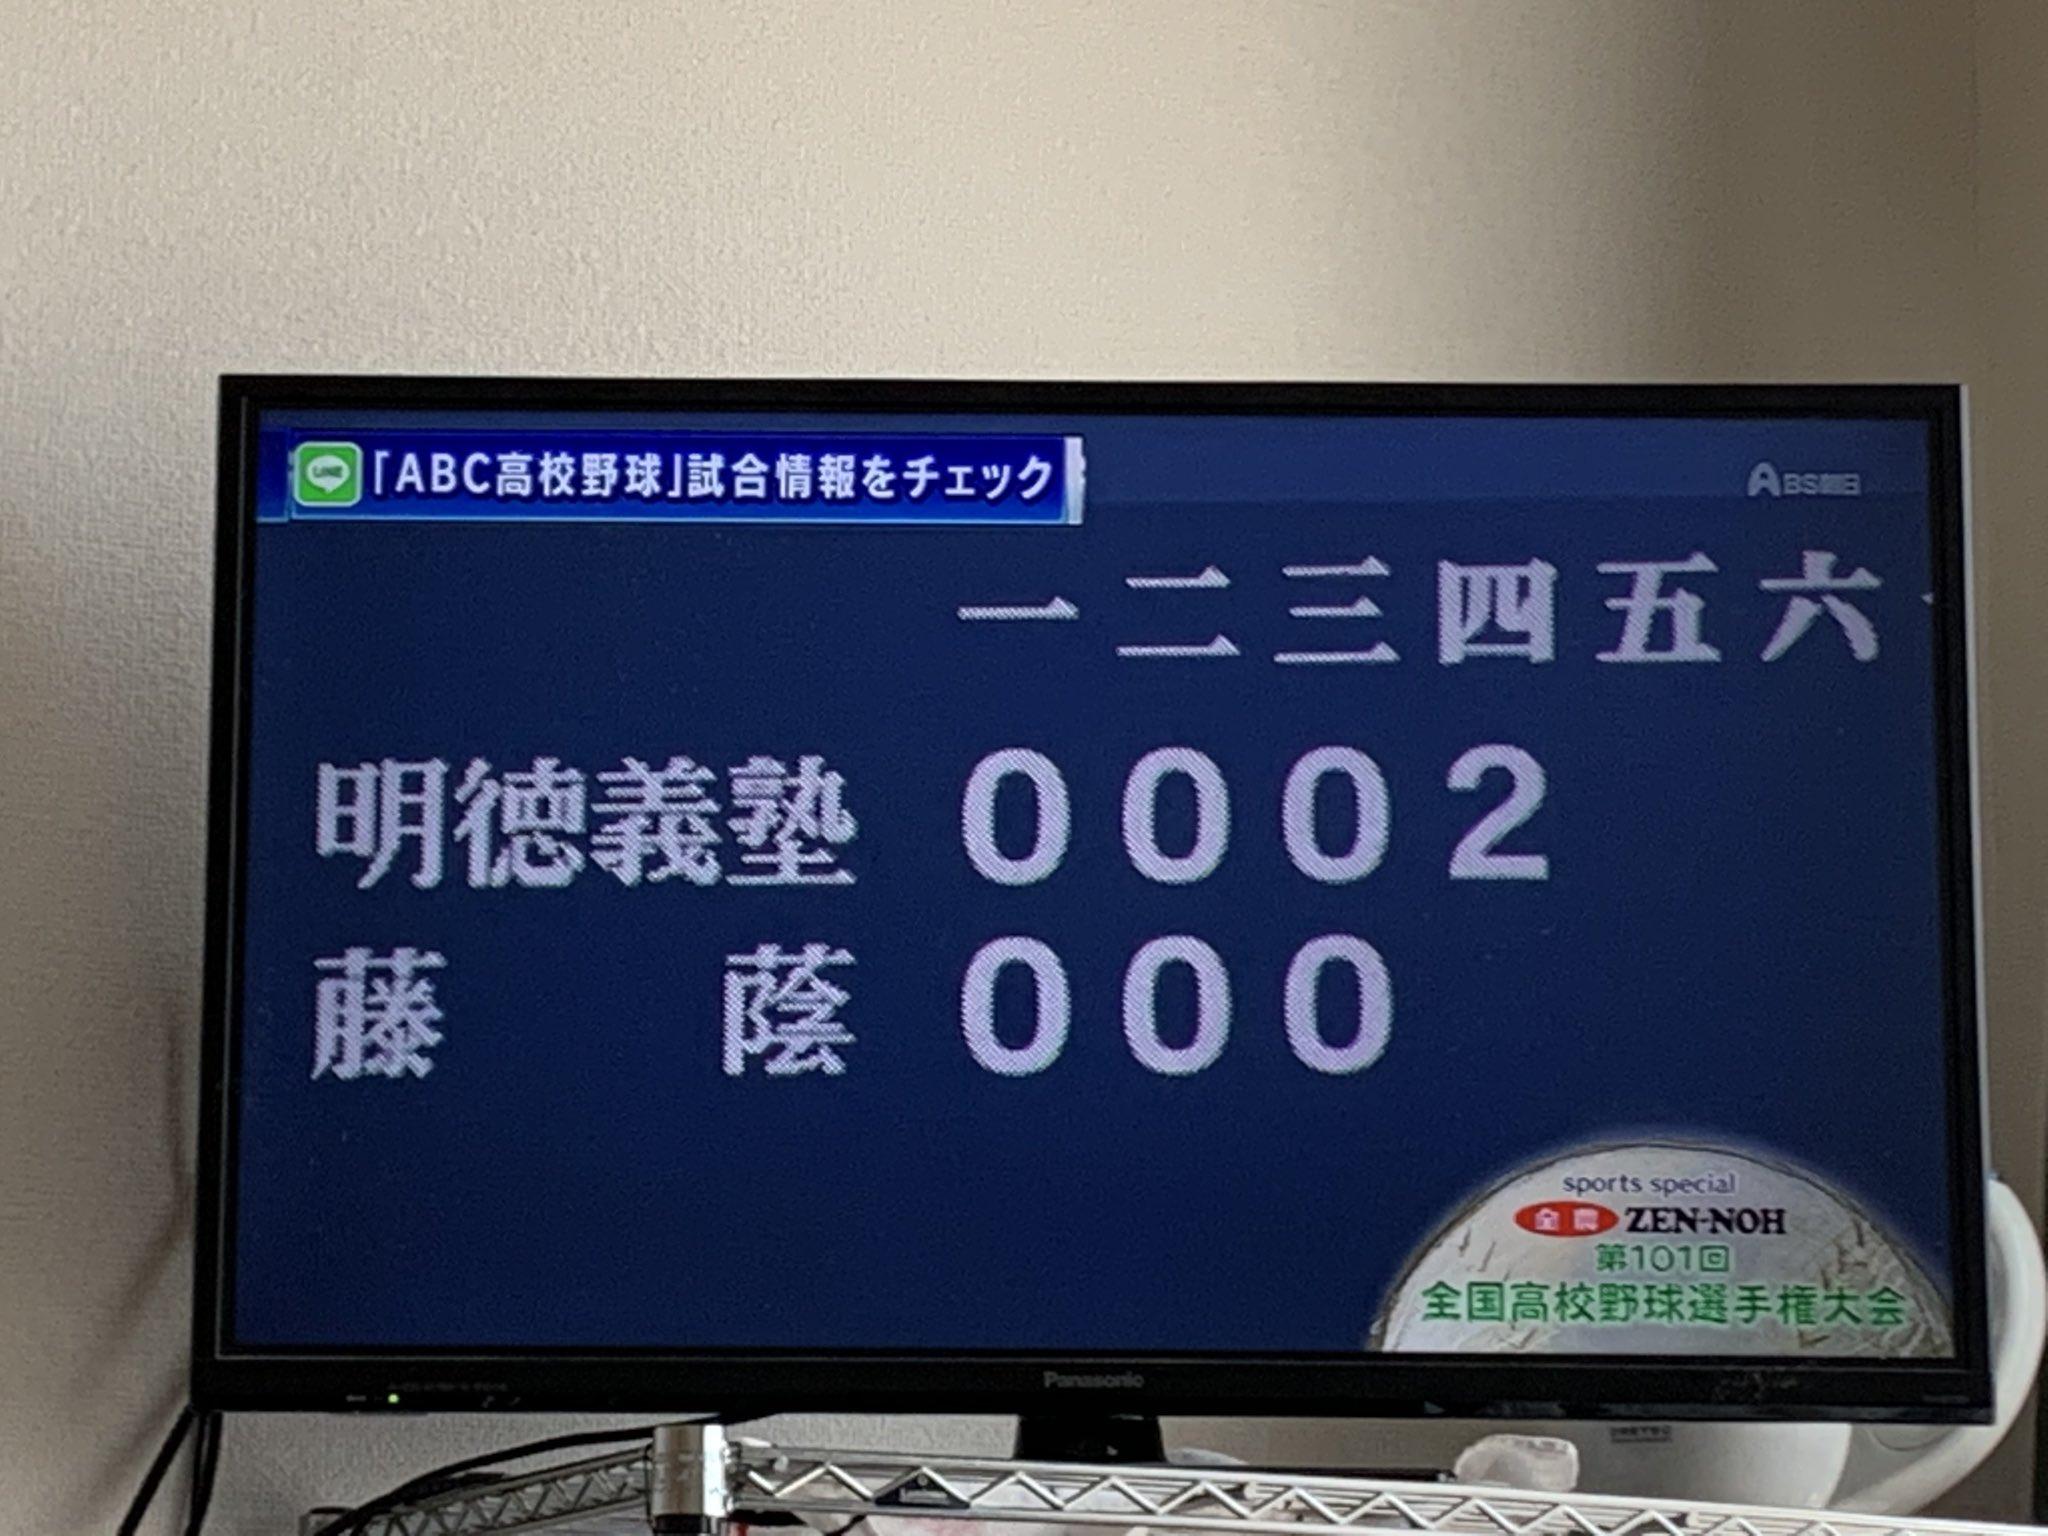 画像,#明徳義塾 のトランペット、どうした?!高温で高音しか出なくなってしまったのか?!💦 https://t.co/mxeJvJMWFb…